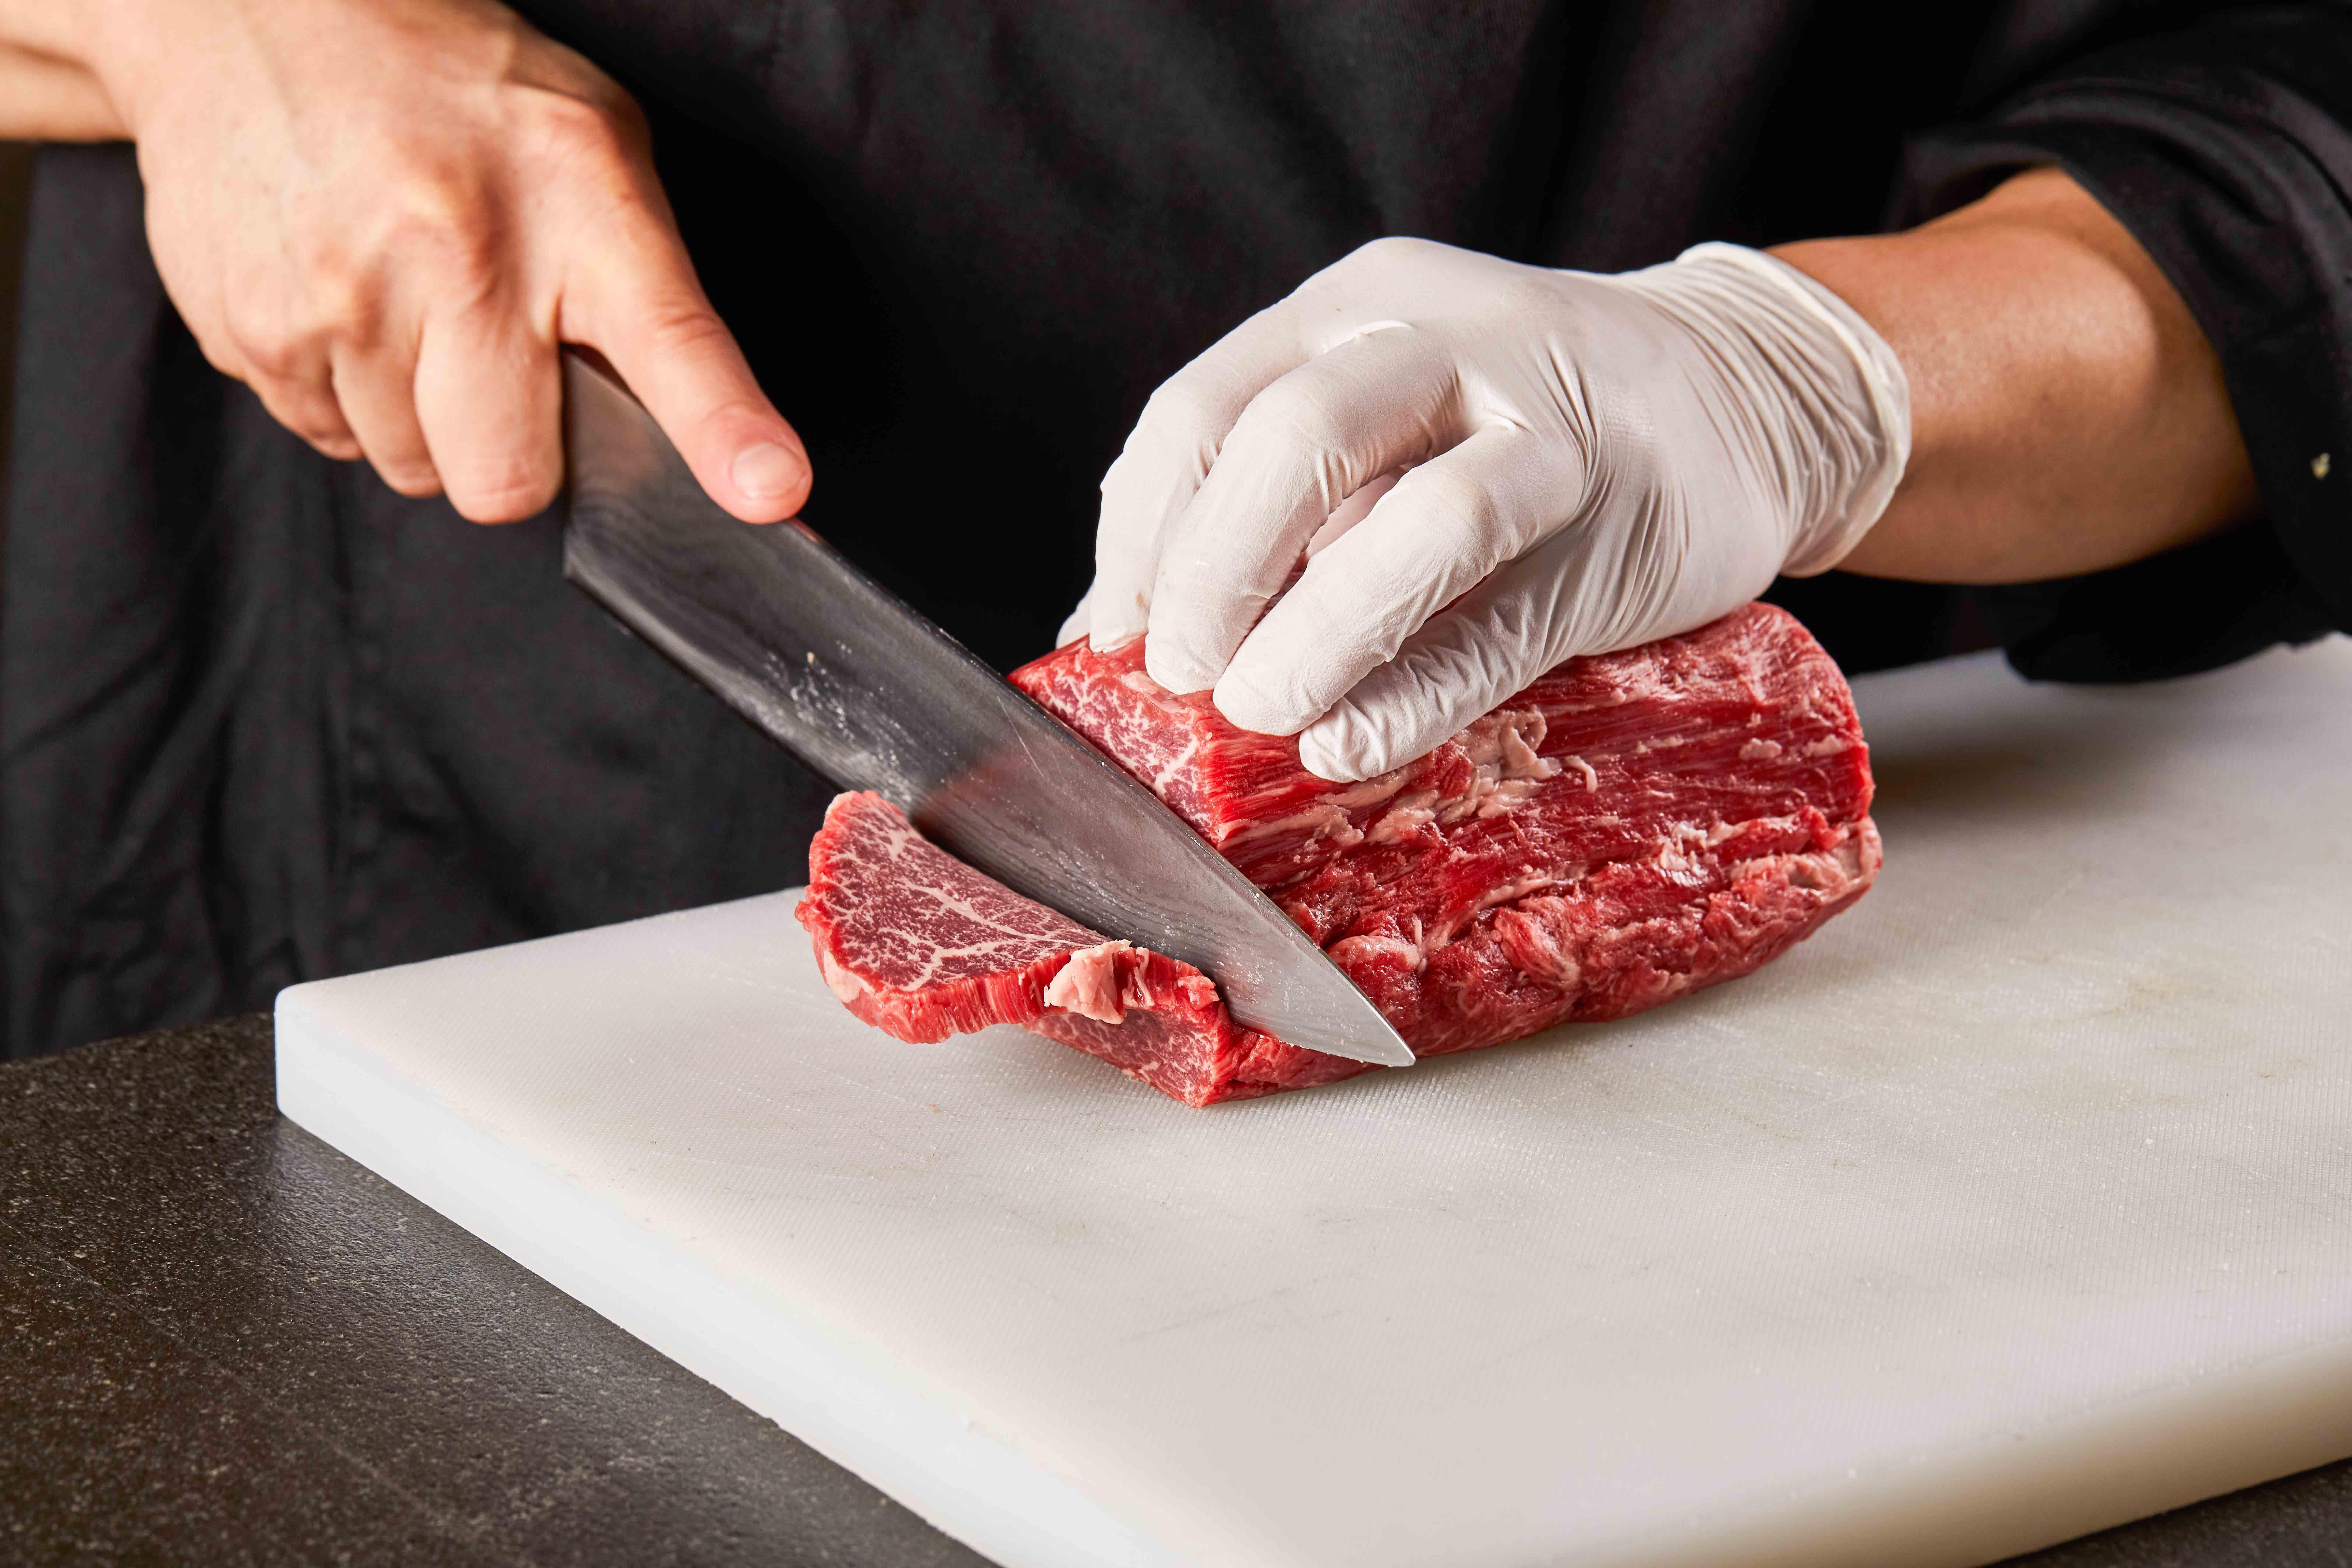 和牛47,和牛,老乾杯,乾杯,頂級,燒肉,餐廳,開幕,和牛燒肉懷石,懷石,推薦,菜單,微風南山